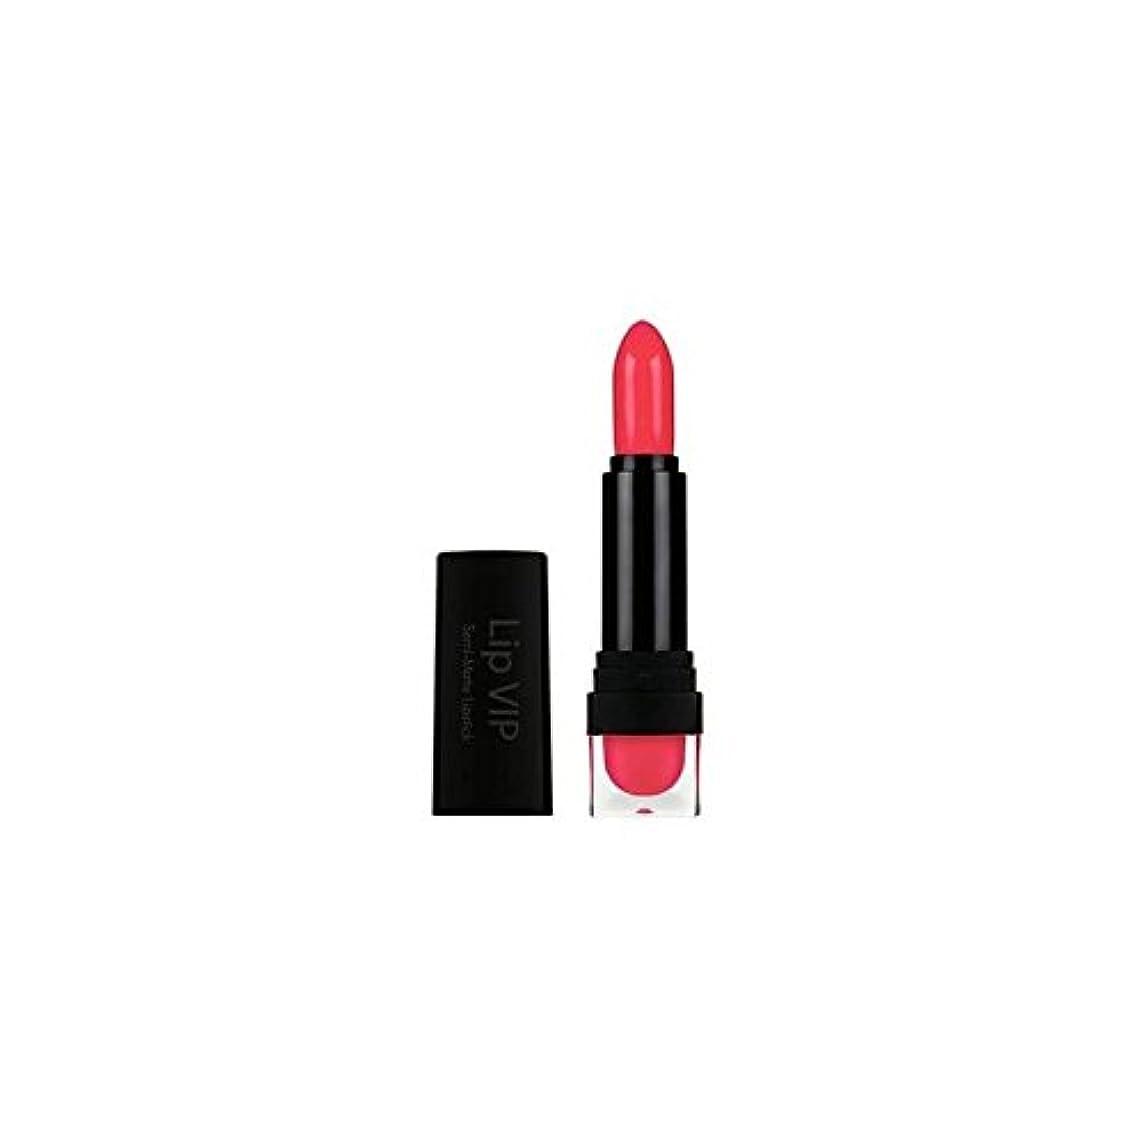 ジョージハンブリー洋服担保ホット ..なめらかな気まぐれなコレクションリップ x4 - Sleek Whimsical Collection Lip V.I.P Hot Tottie (Pack of 4) [並行輸入品]